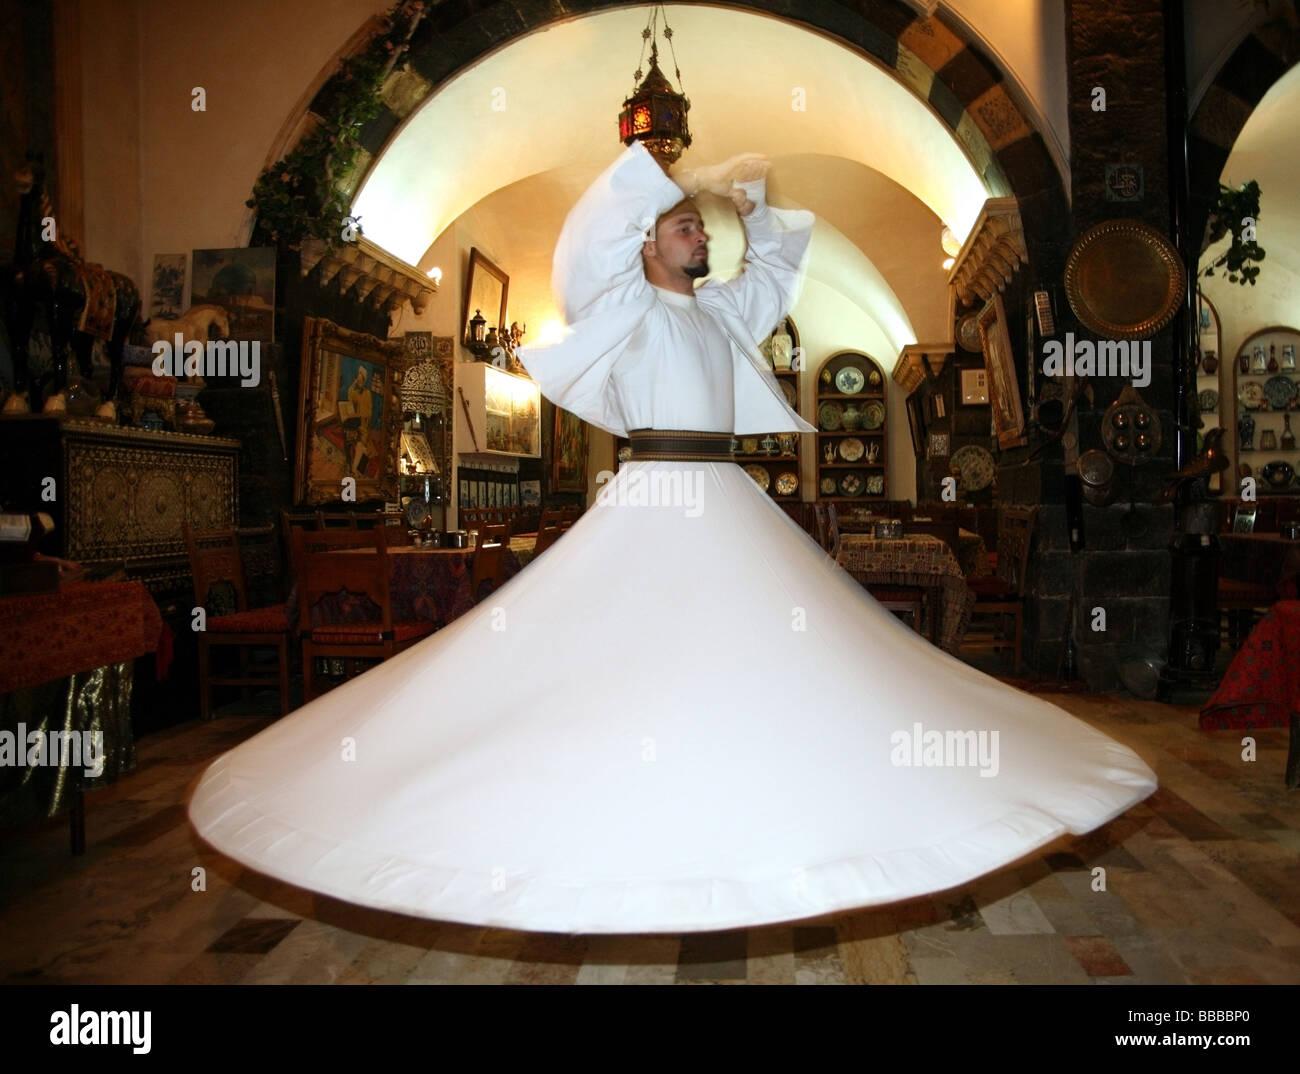 La ballerina Sufi o derviscio armato presso un ristorante tradizionale Damasco Foto Stock